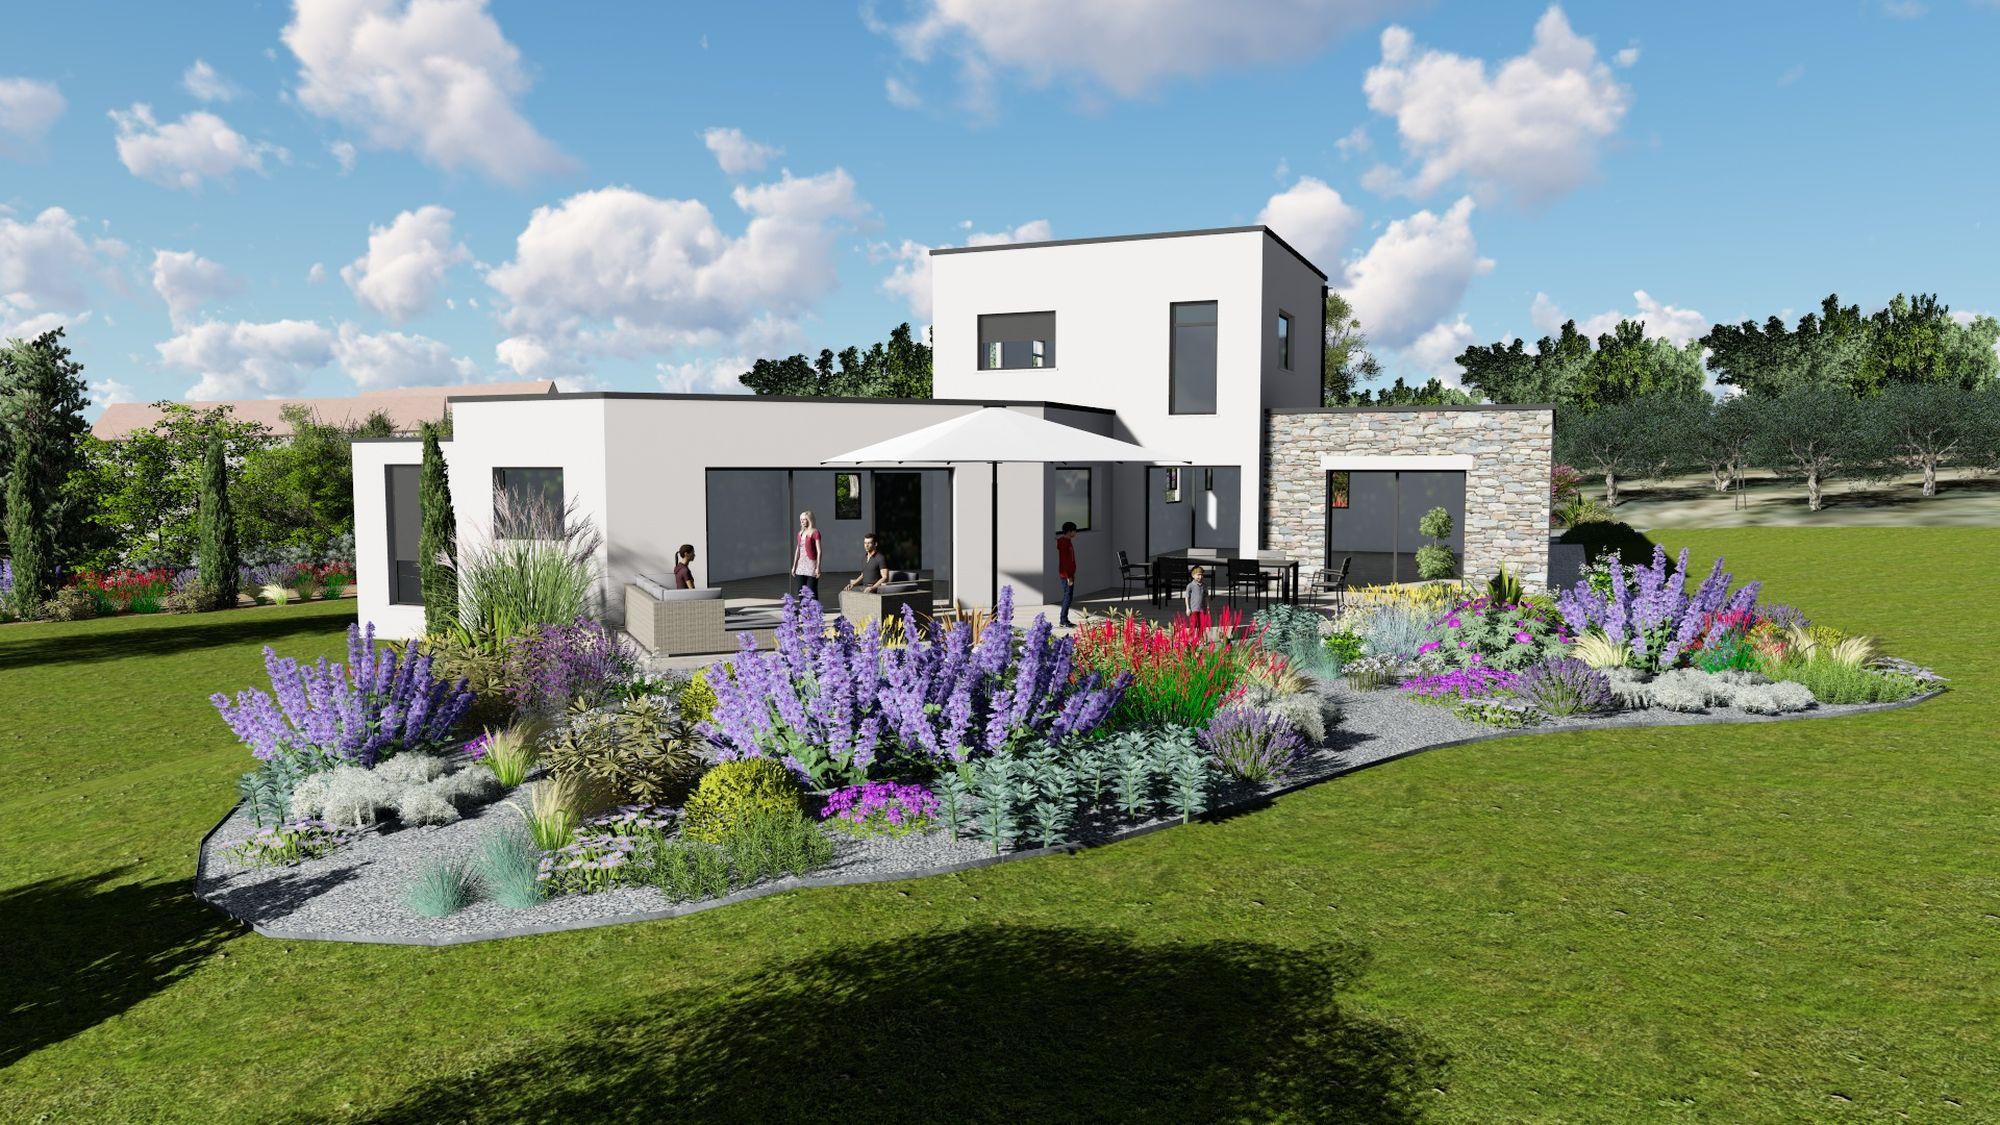 Plan De Jardin En 3D : Découvrez Votre Futur Espace De Vie ... concernant Plan De Jardin 3D